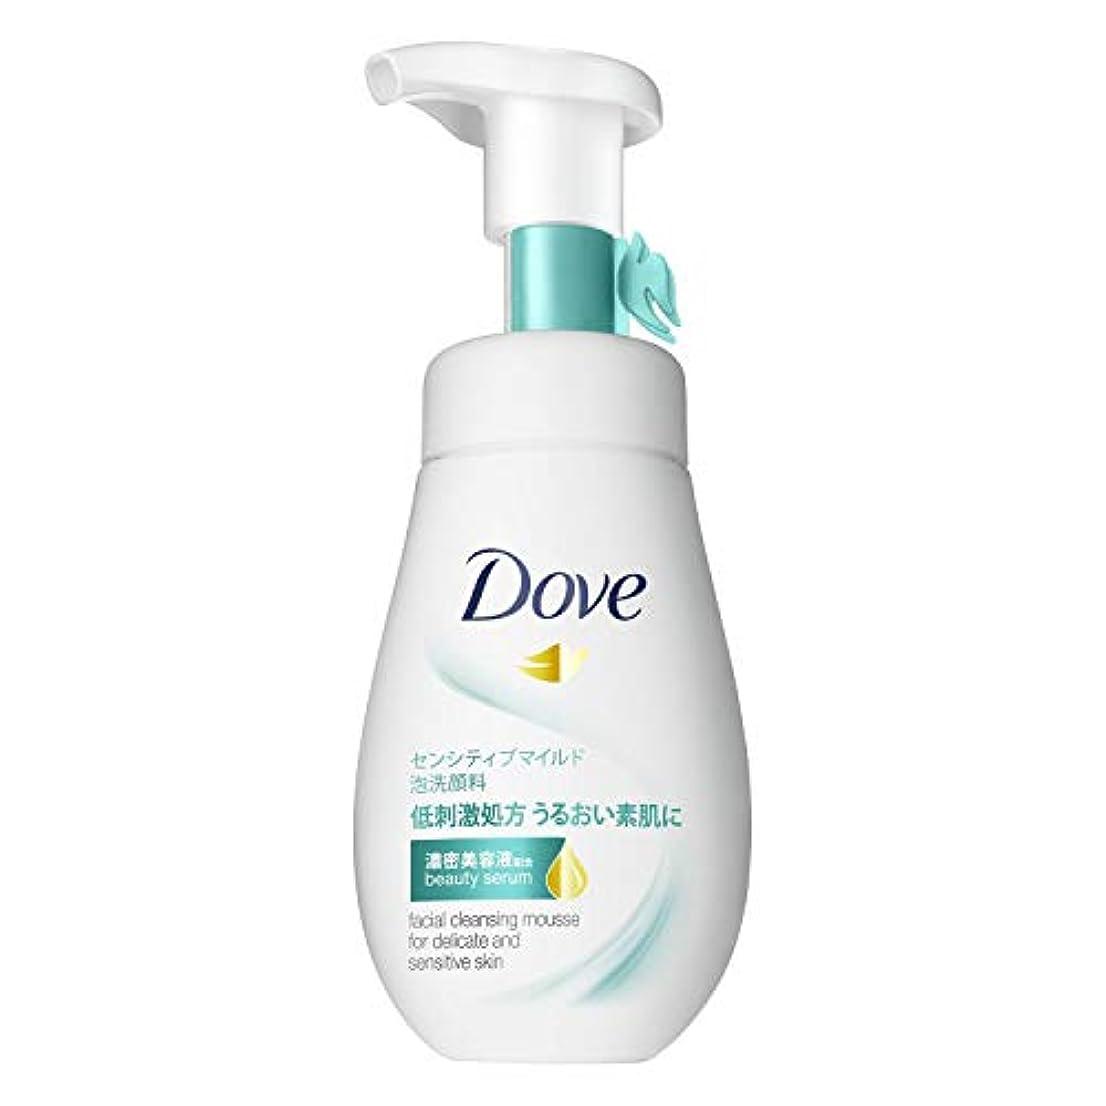 ヘルパー応答動ダヴ センシティブマイルド クリーミー泡洗顔料 敏感肌用 160mL